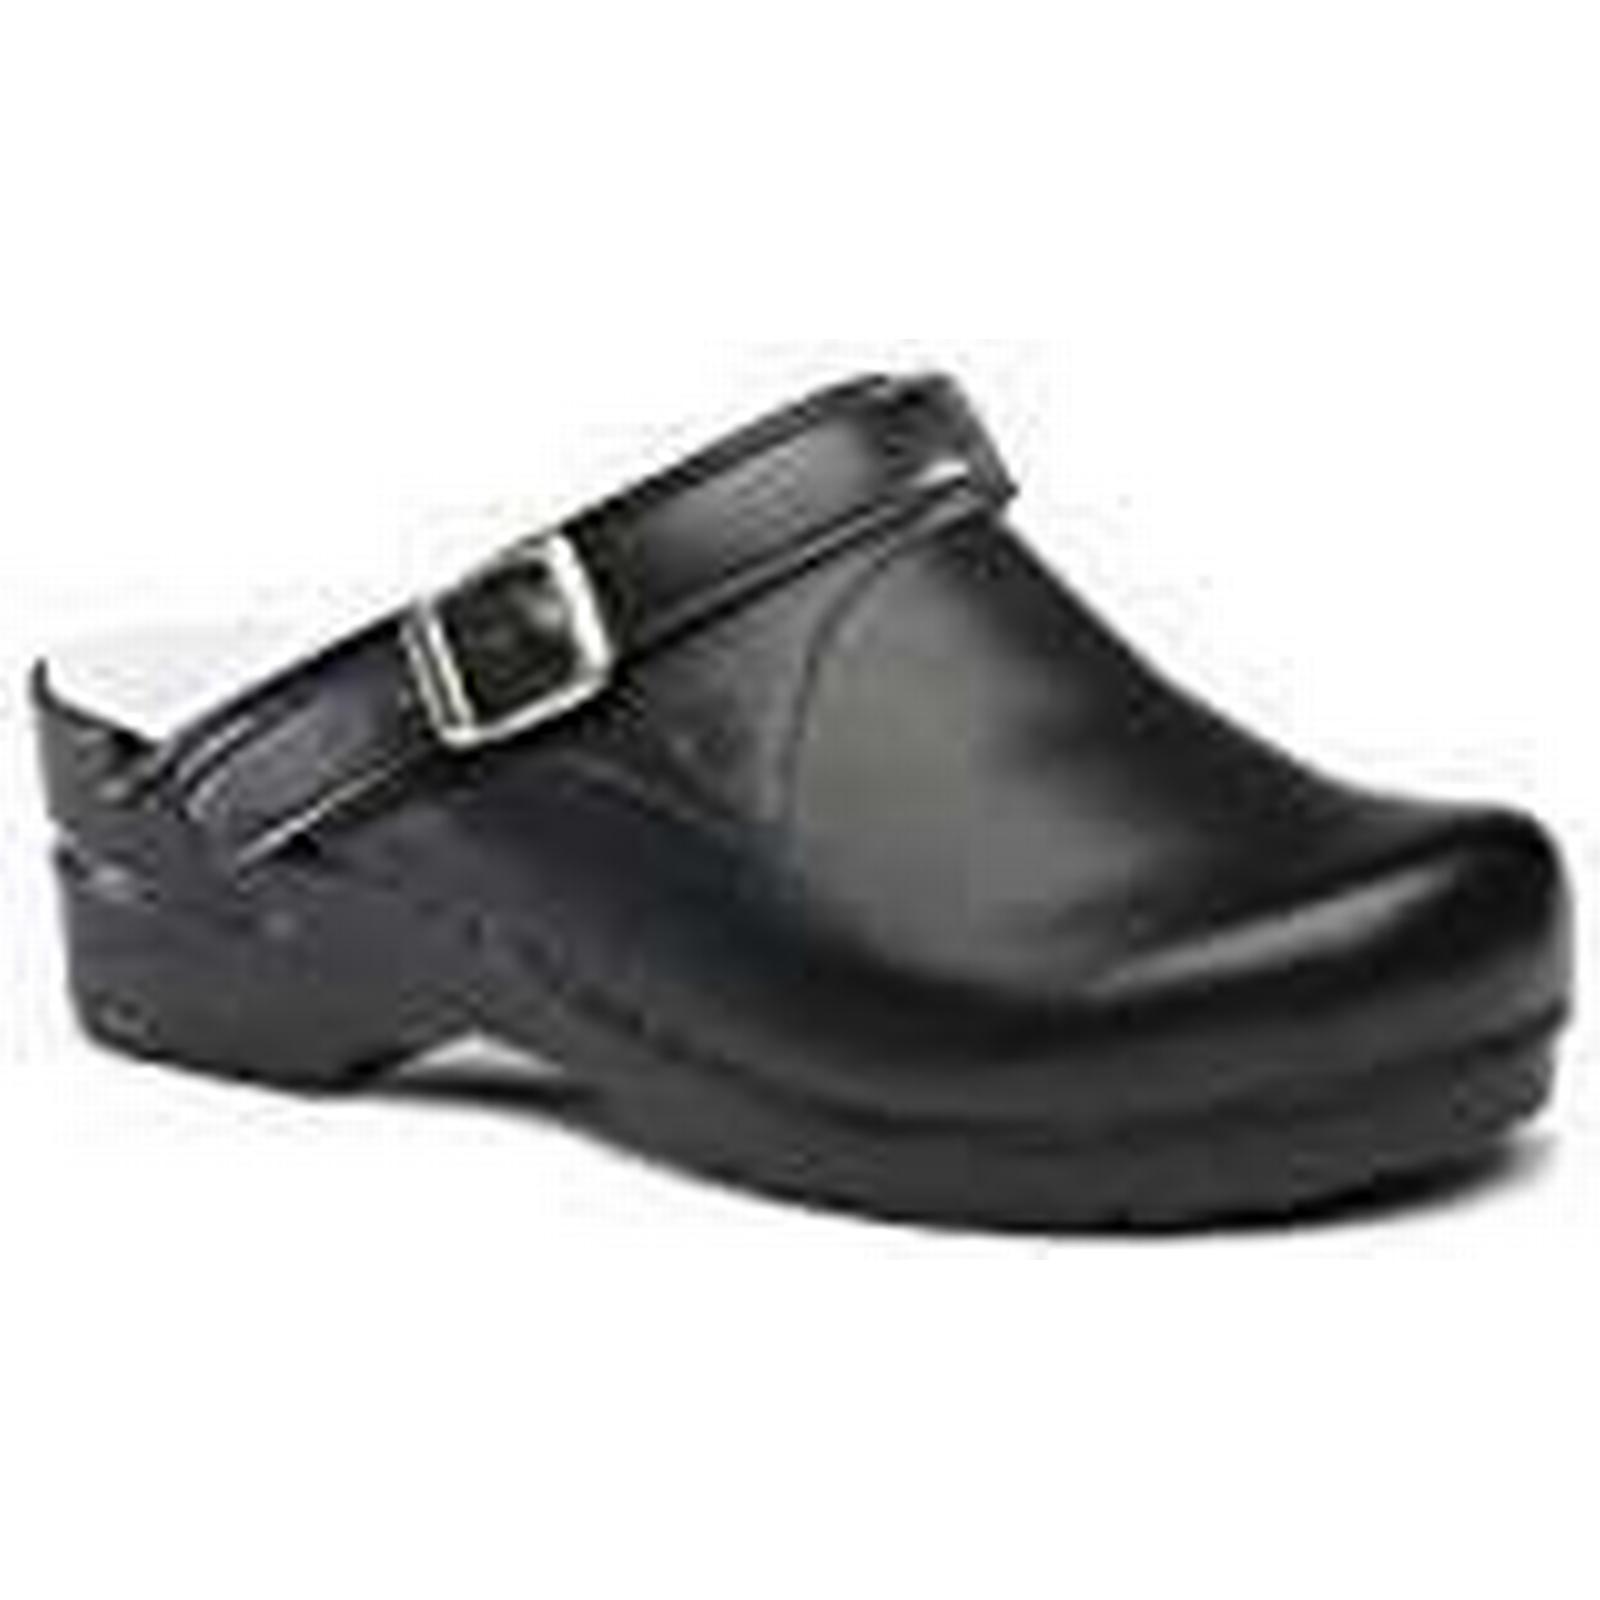 toffeln - chaussures, flexiklog avec erse uk arrière, taille  / uk erse , noir ff2b1a